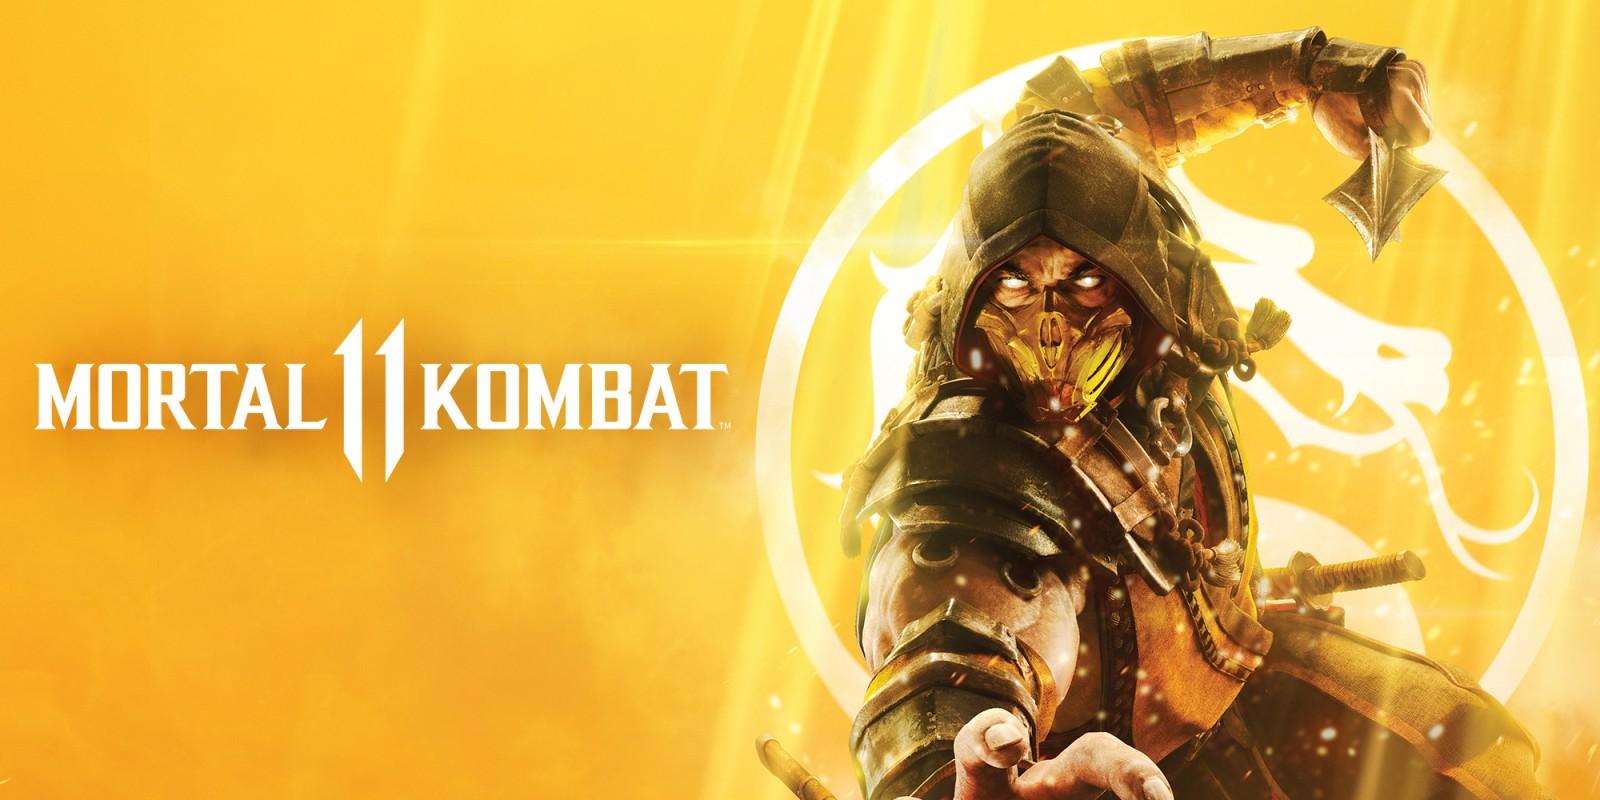 Mortal kombat 11 key